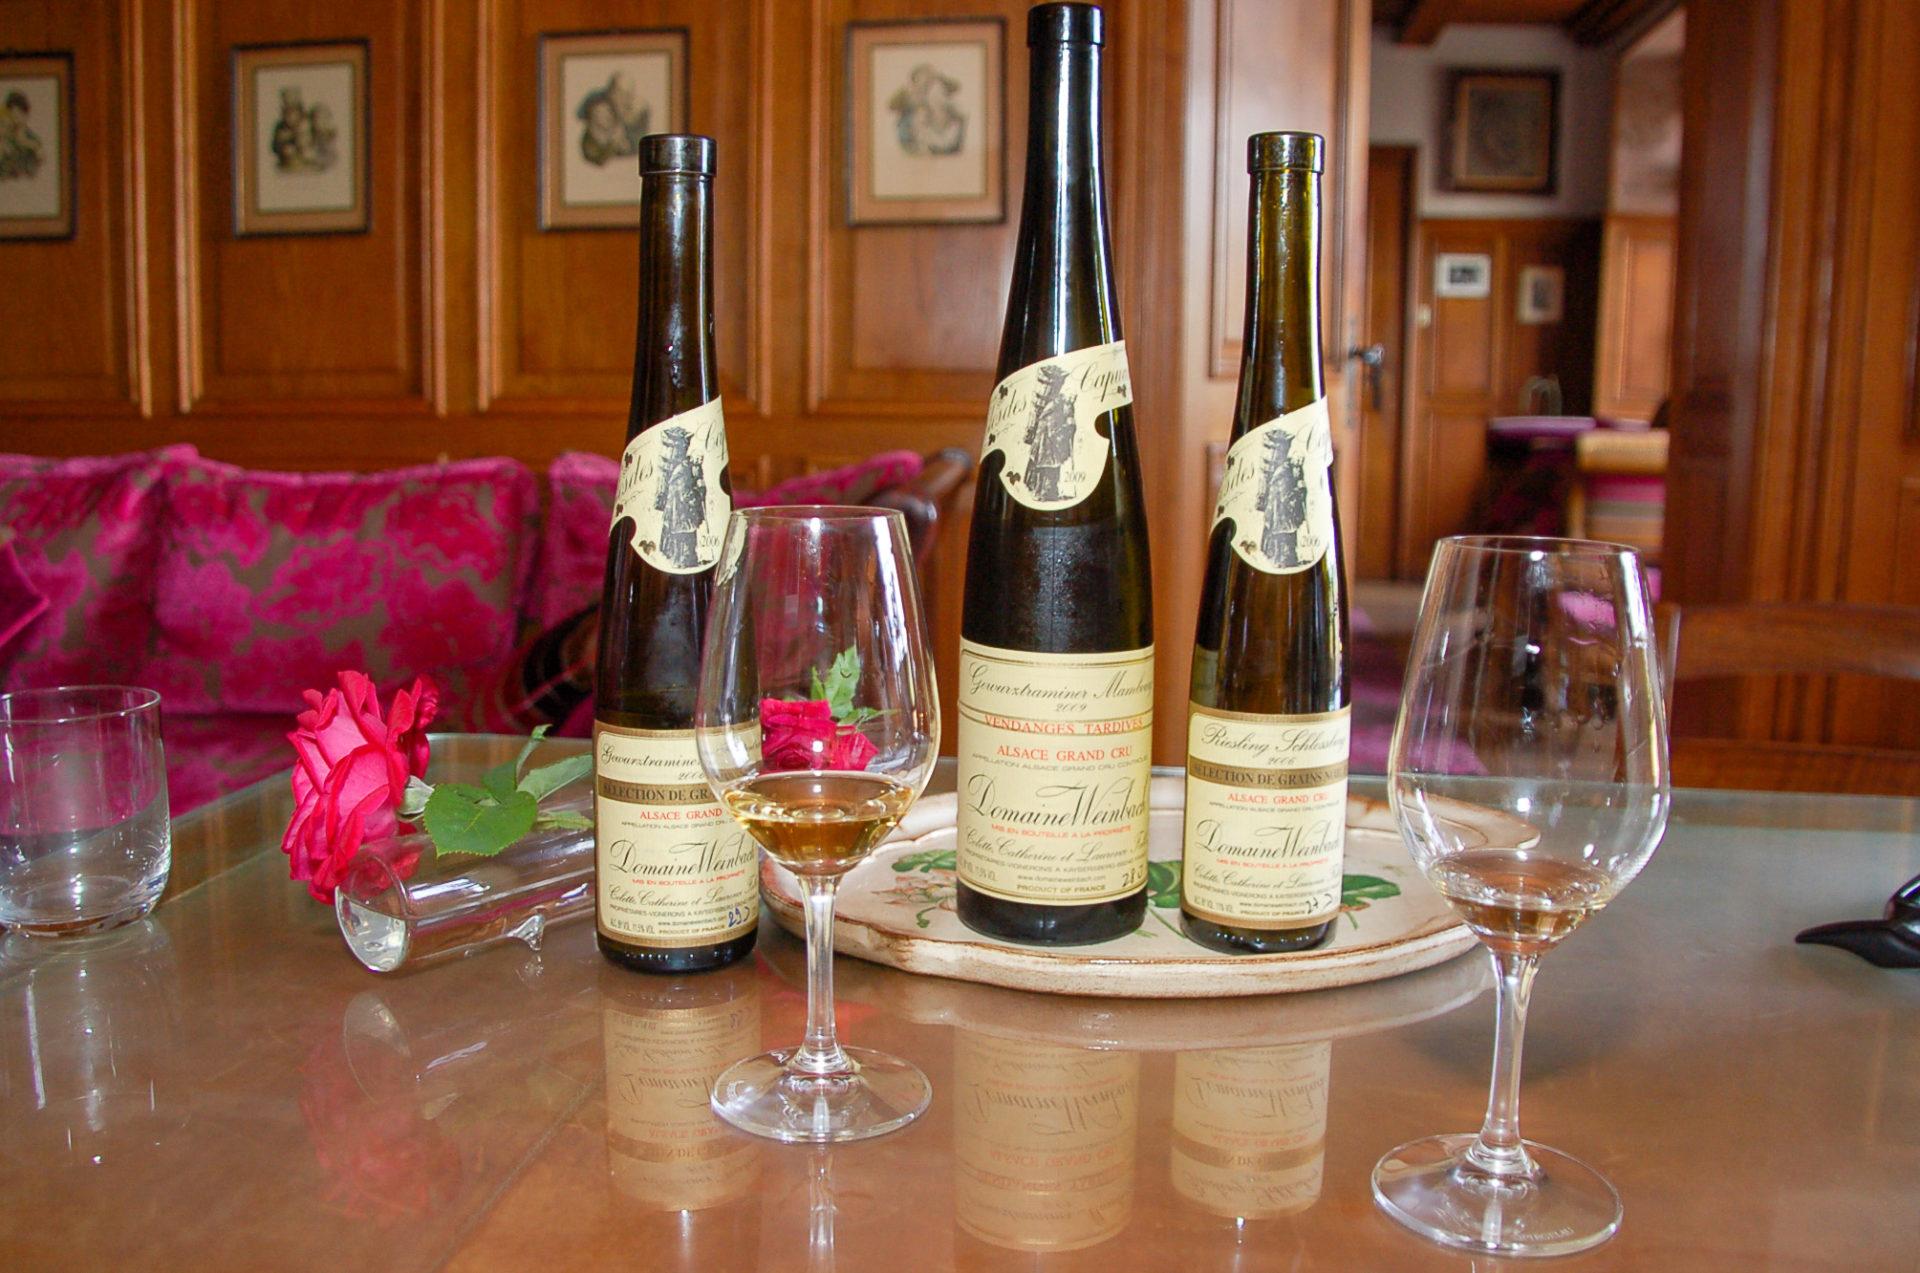 Flaschen der Domaine Weinbach mit Gläsern beim Raod Trip über die Elsässische Weinstraße